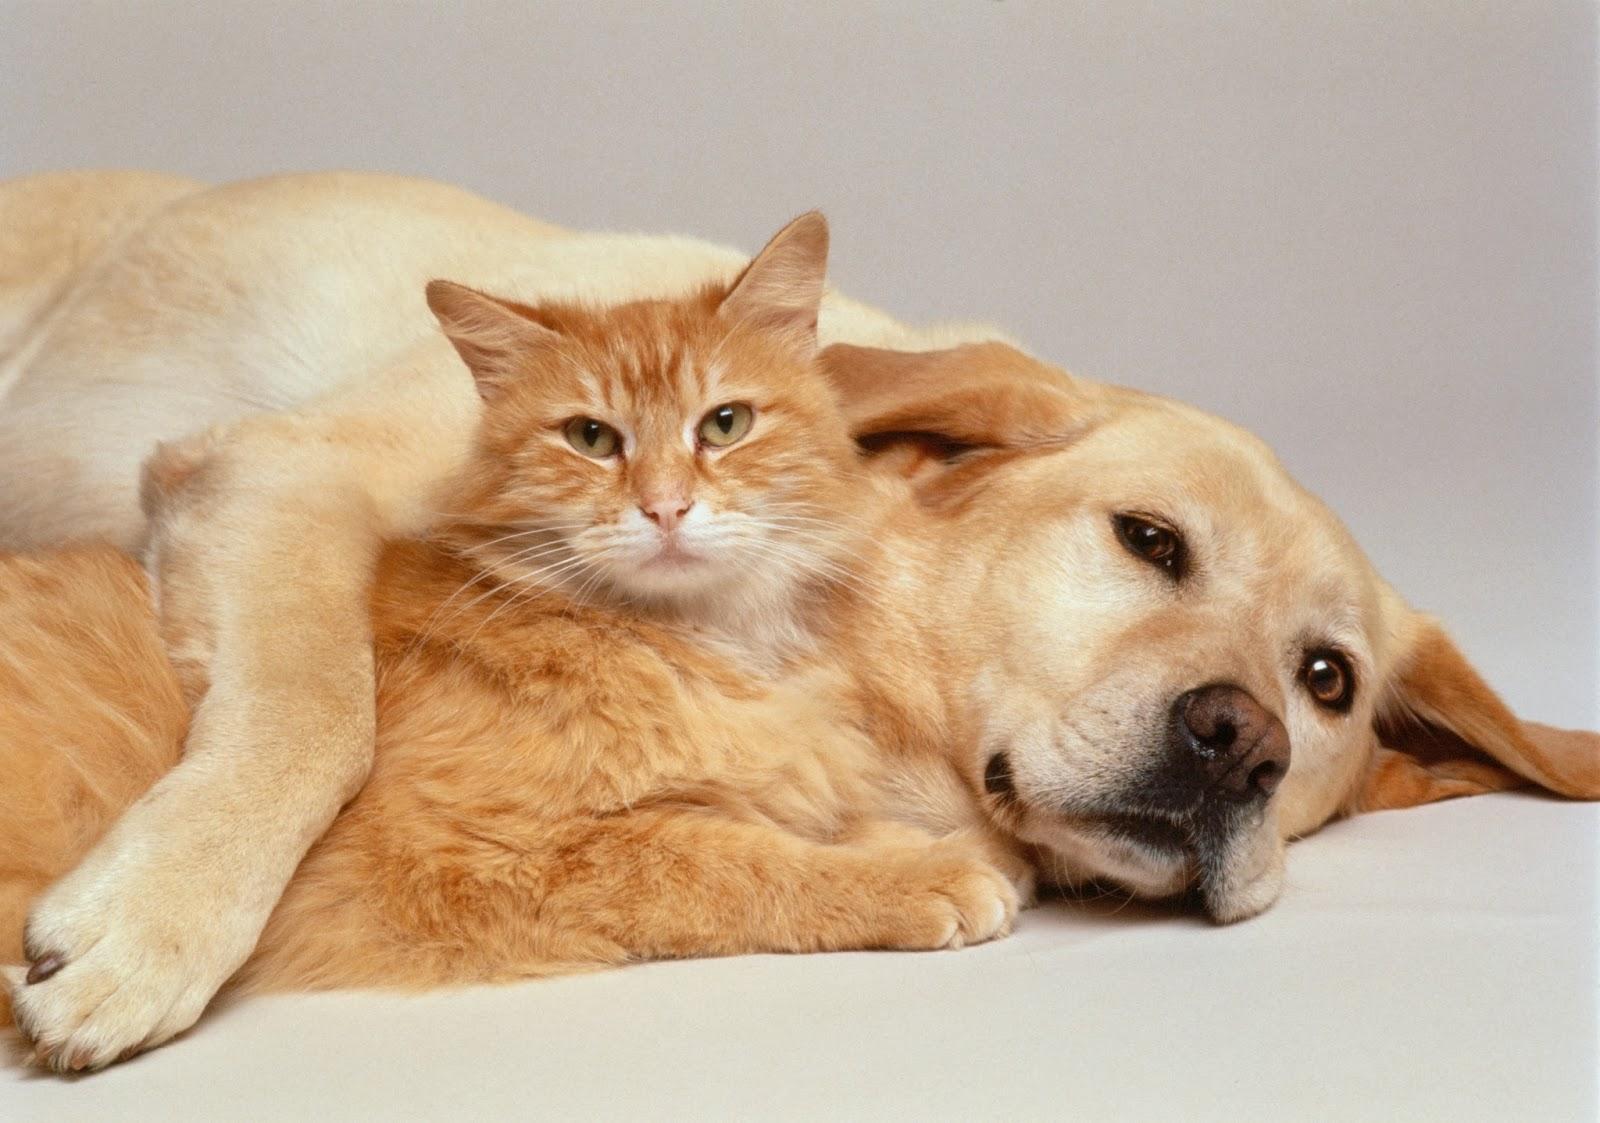 Adorable Cat And Dog Wallpaper Wallpapersafari